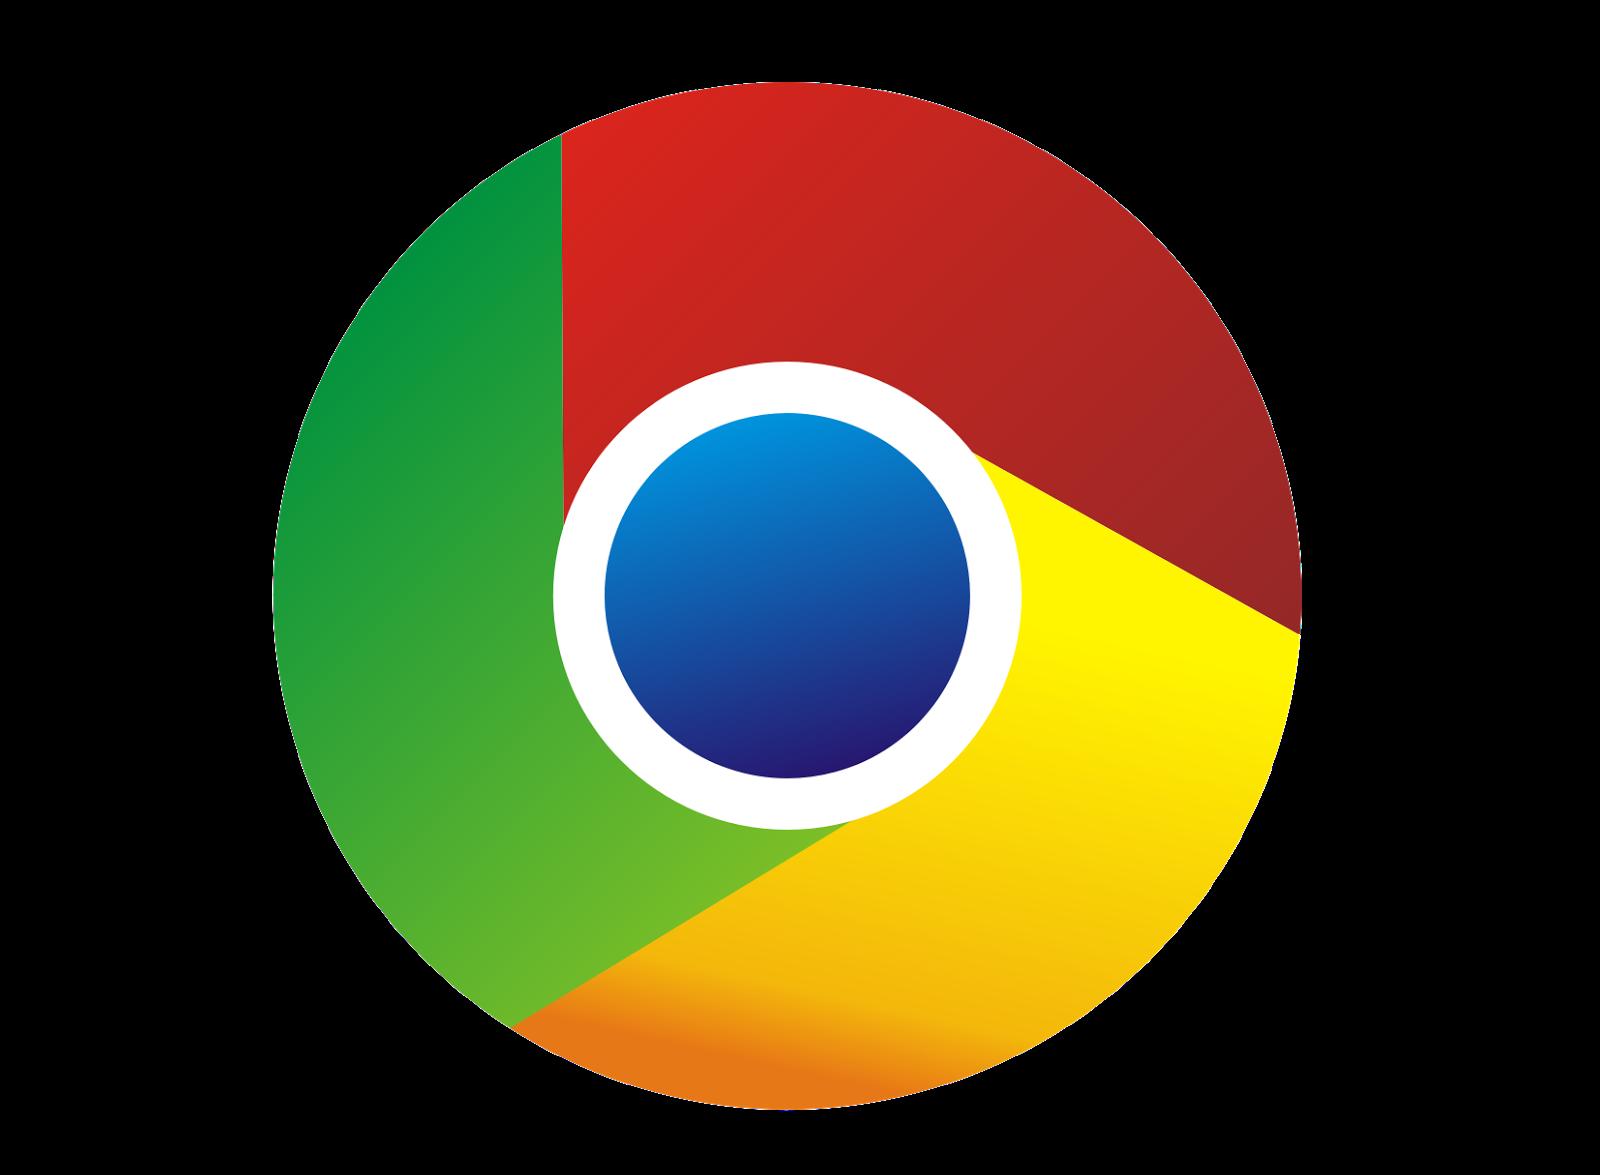 Google Chrome Logo PNG-PlusPNG.com-1600 - Google Chrome Logo PNG